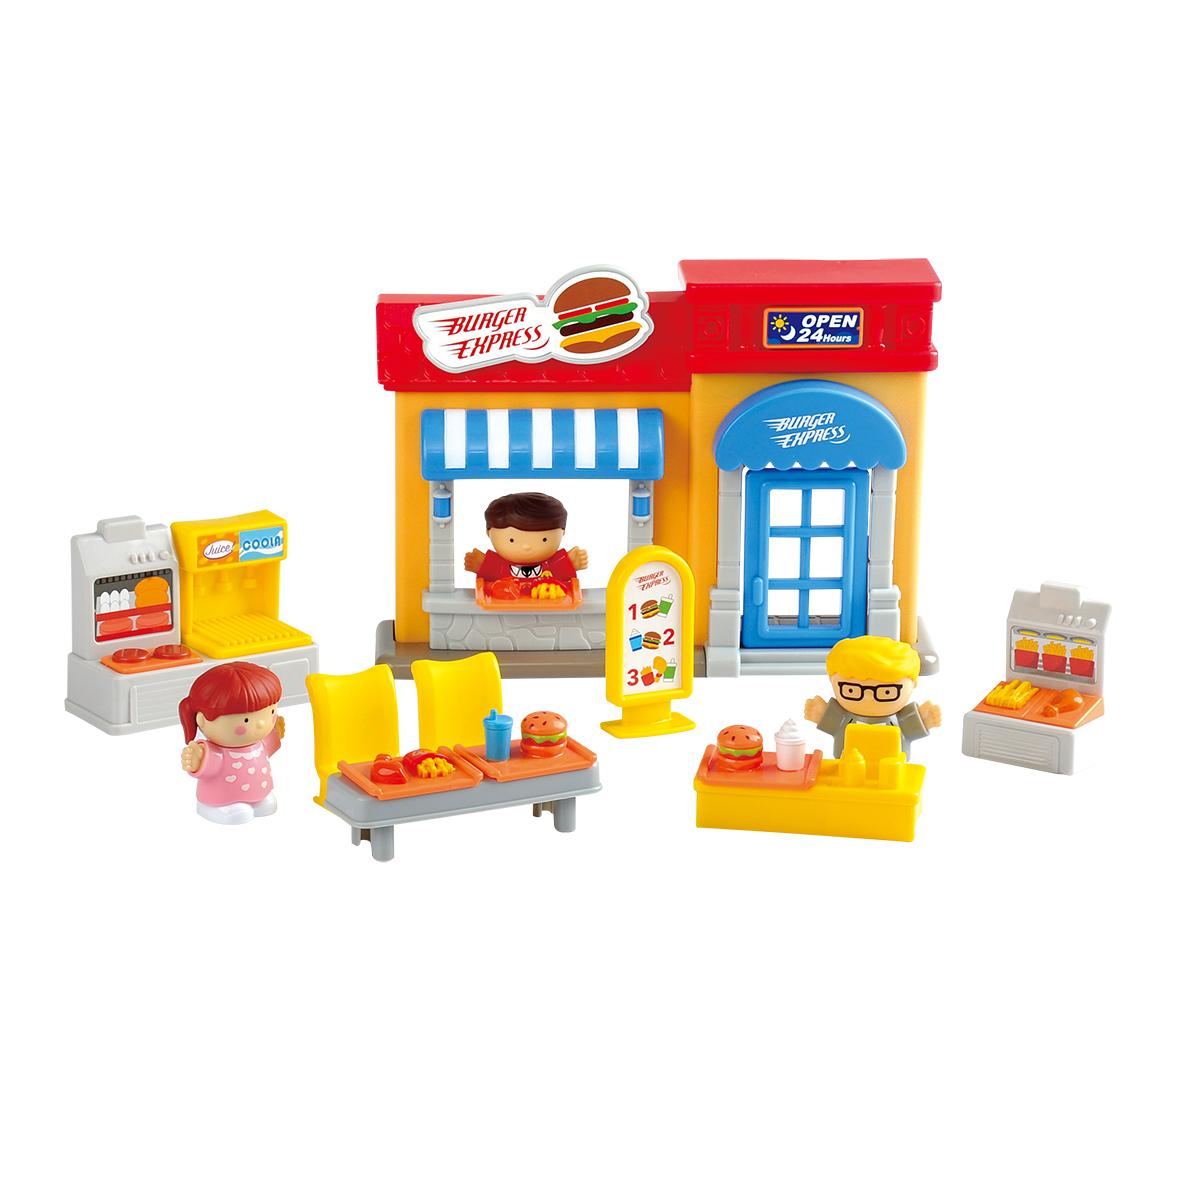 Игровой набор PLAYGO Кафе игровой набор playgo транспортые игрушки в корзине